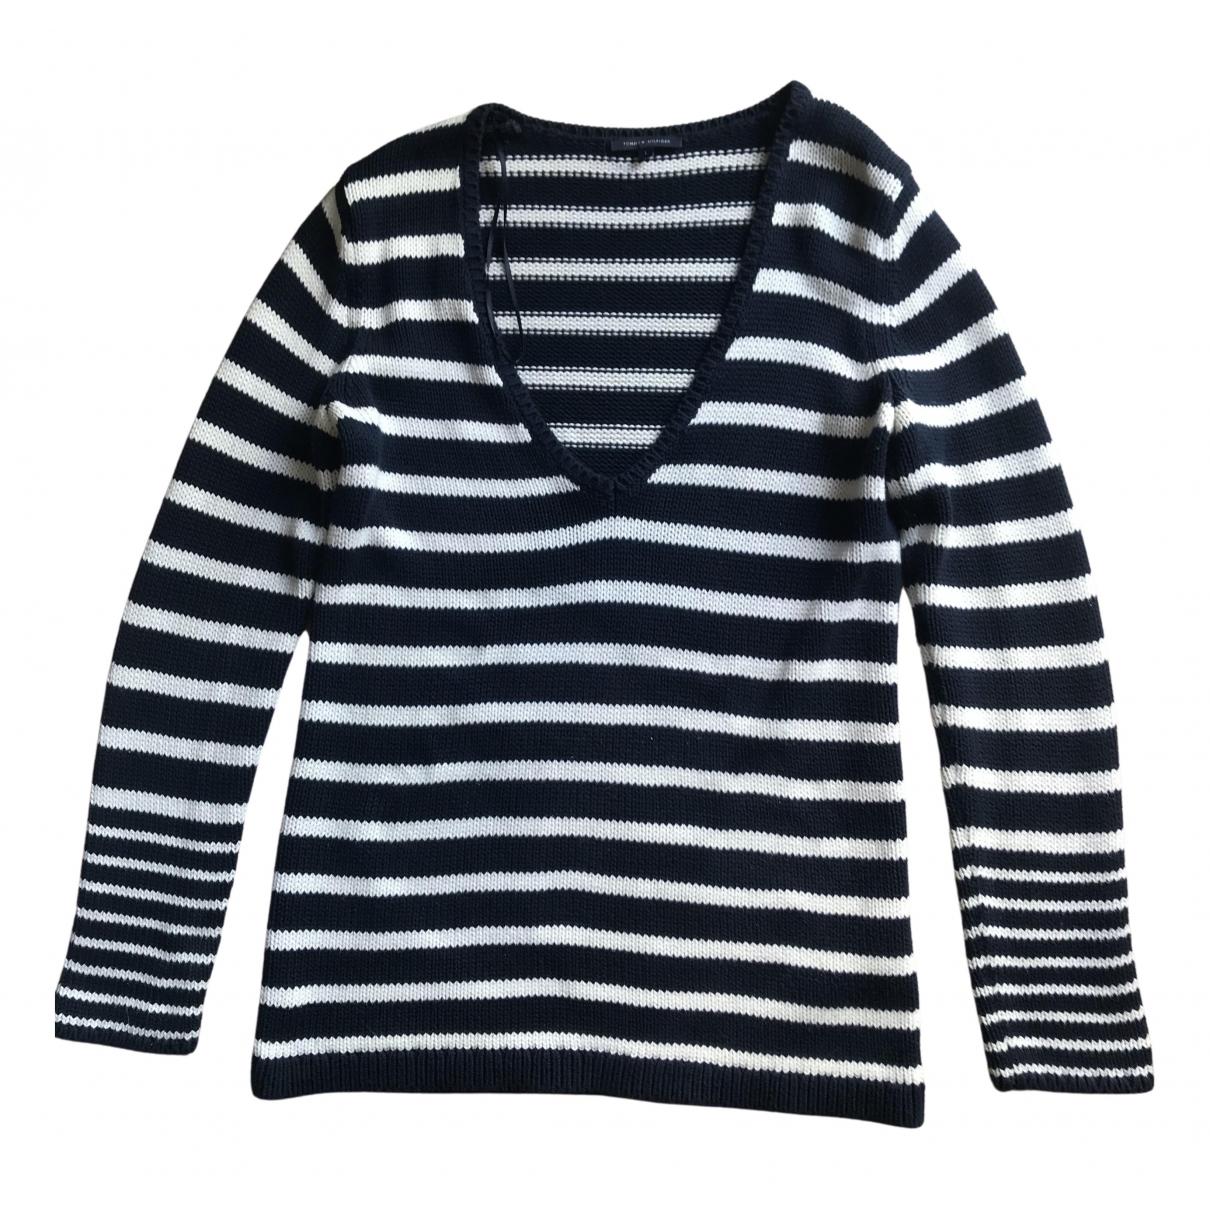 Tommy Hilfiger \N Blue Cotton Knitwear for Women L International